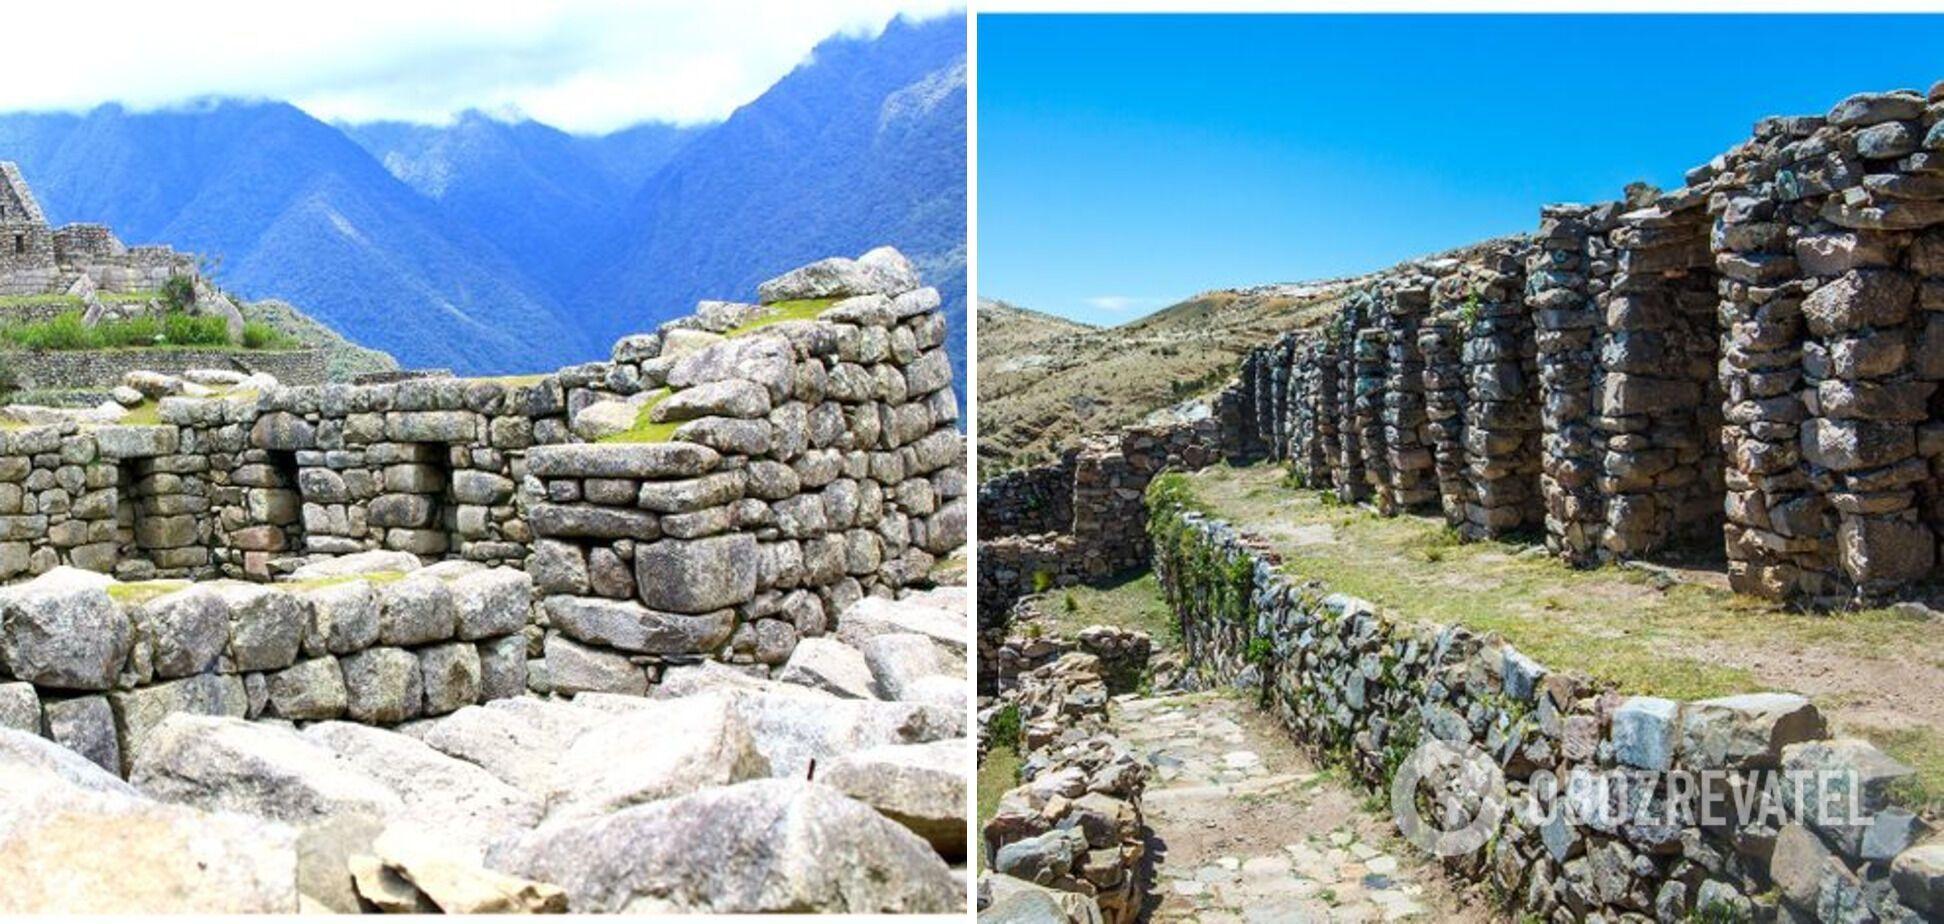 Слева – Мачу-Пикчу в Перу, справа – Исла-дель-Соль в Боливии.